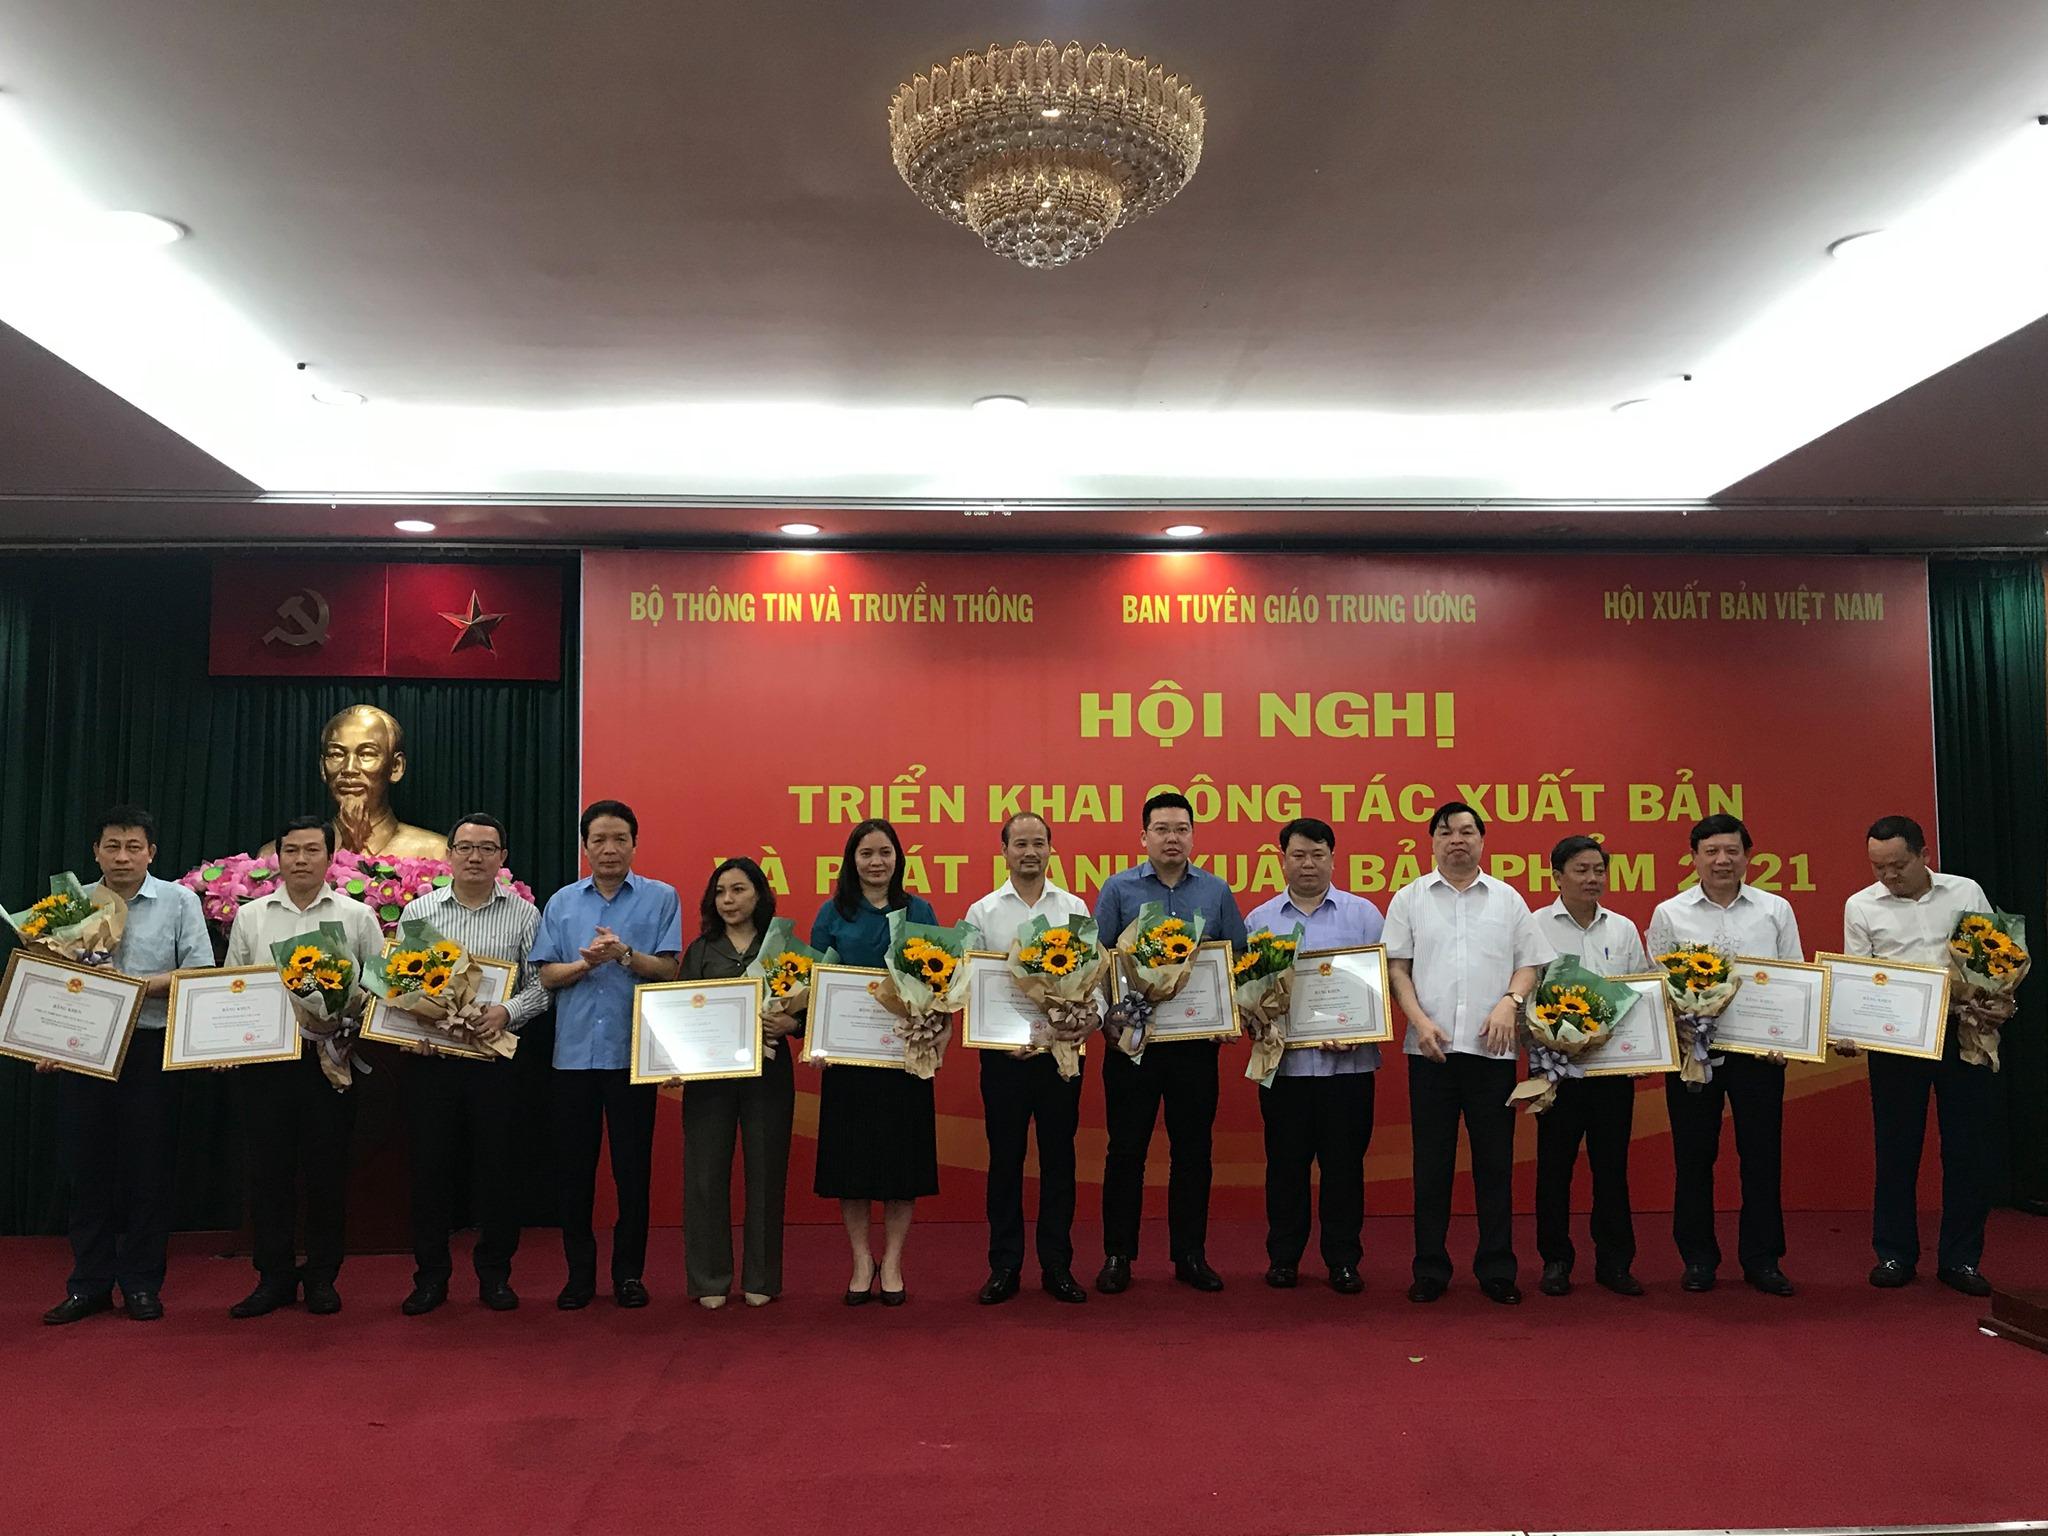 ThaiHaBooks vinh dự nhận bằng khen của Bộ trưởng Bộ Thông tin và Truyền thông